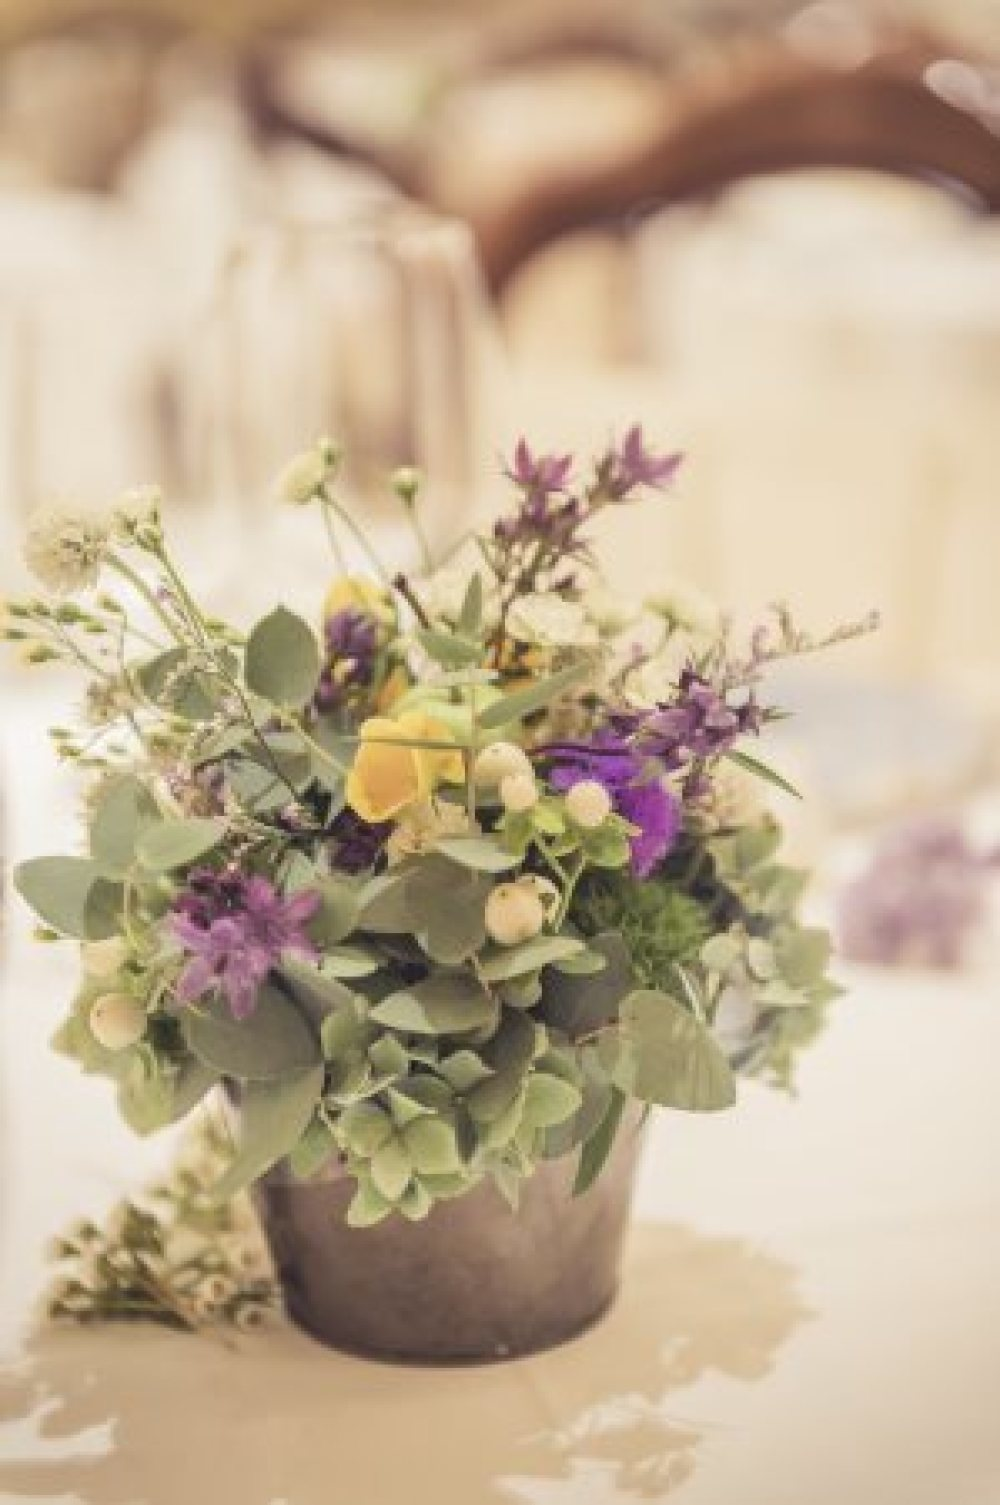 新郎新婦様からのメール 秋の装花 リストランテASOの花嫁様より_a0042928_01385739.jpg